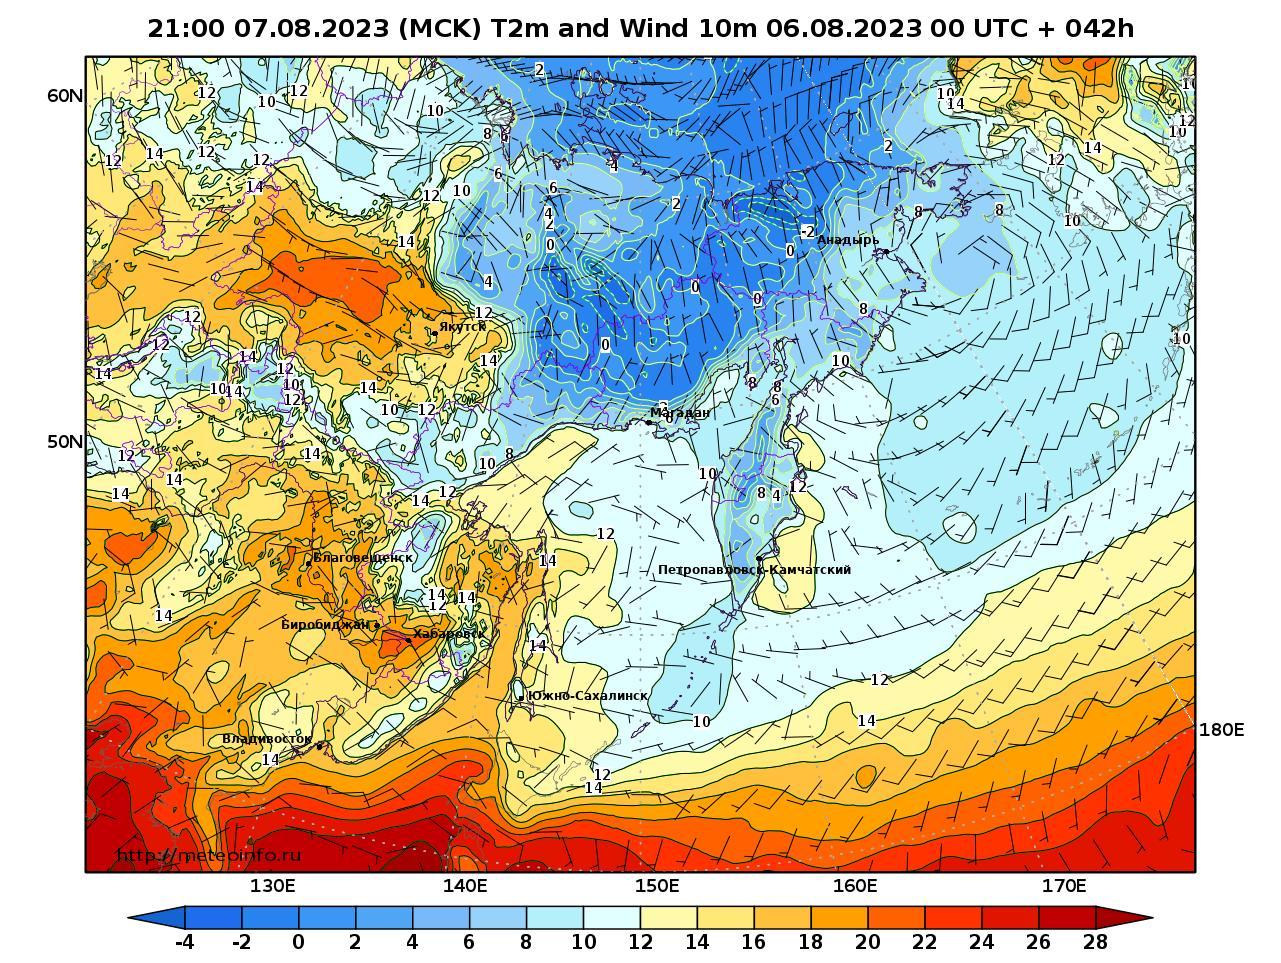 Дальний Восток, прогностическая карта приземная температура, заблаговременность прогноза 42 часа